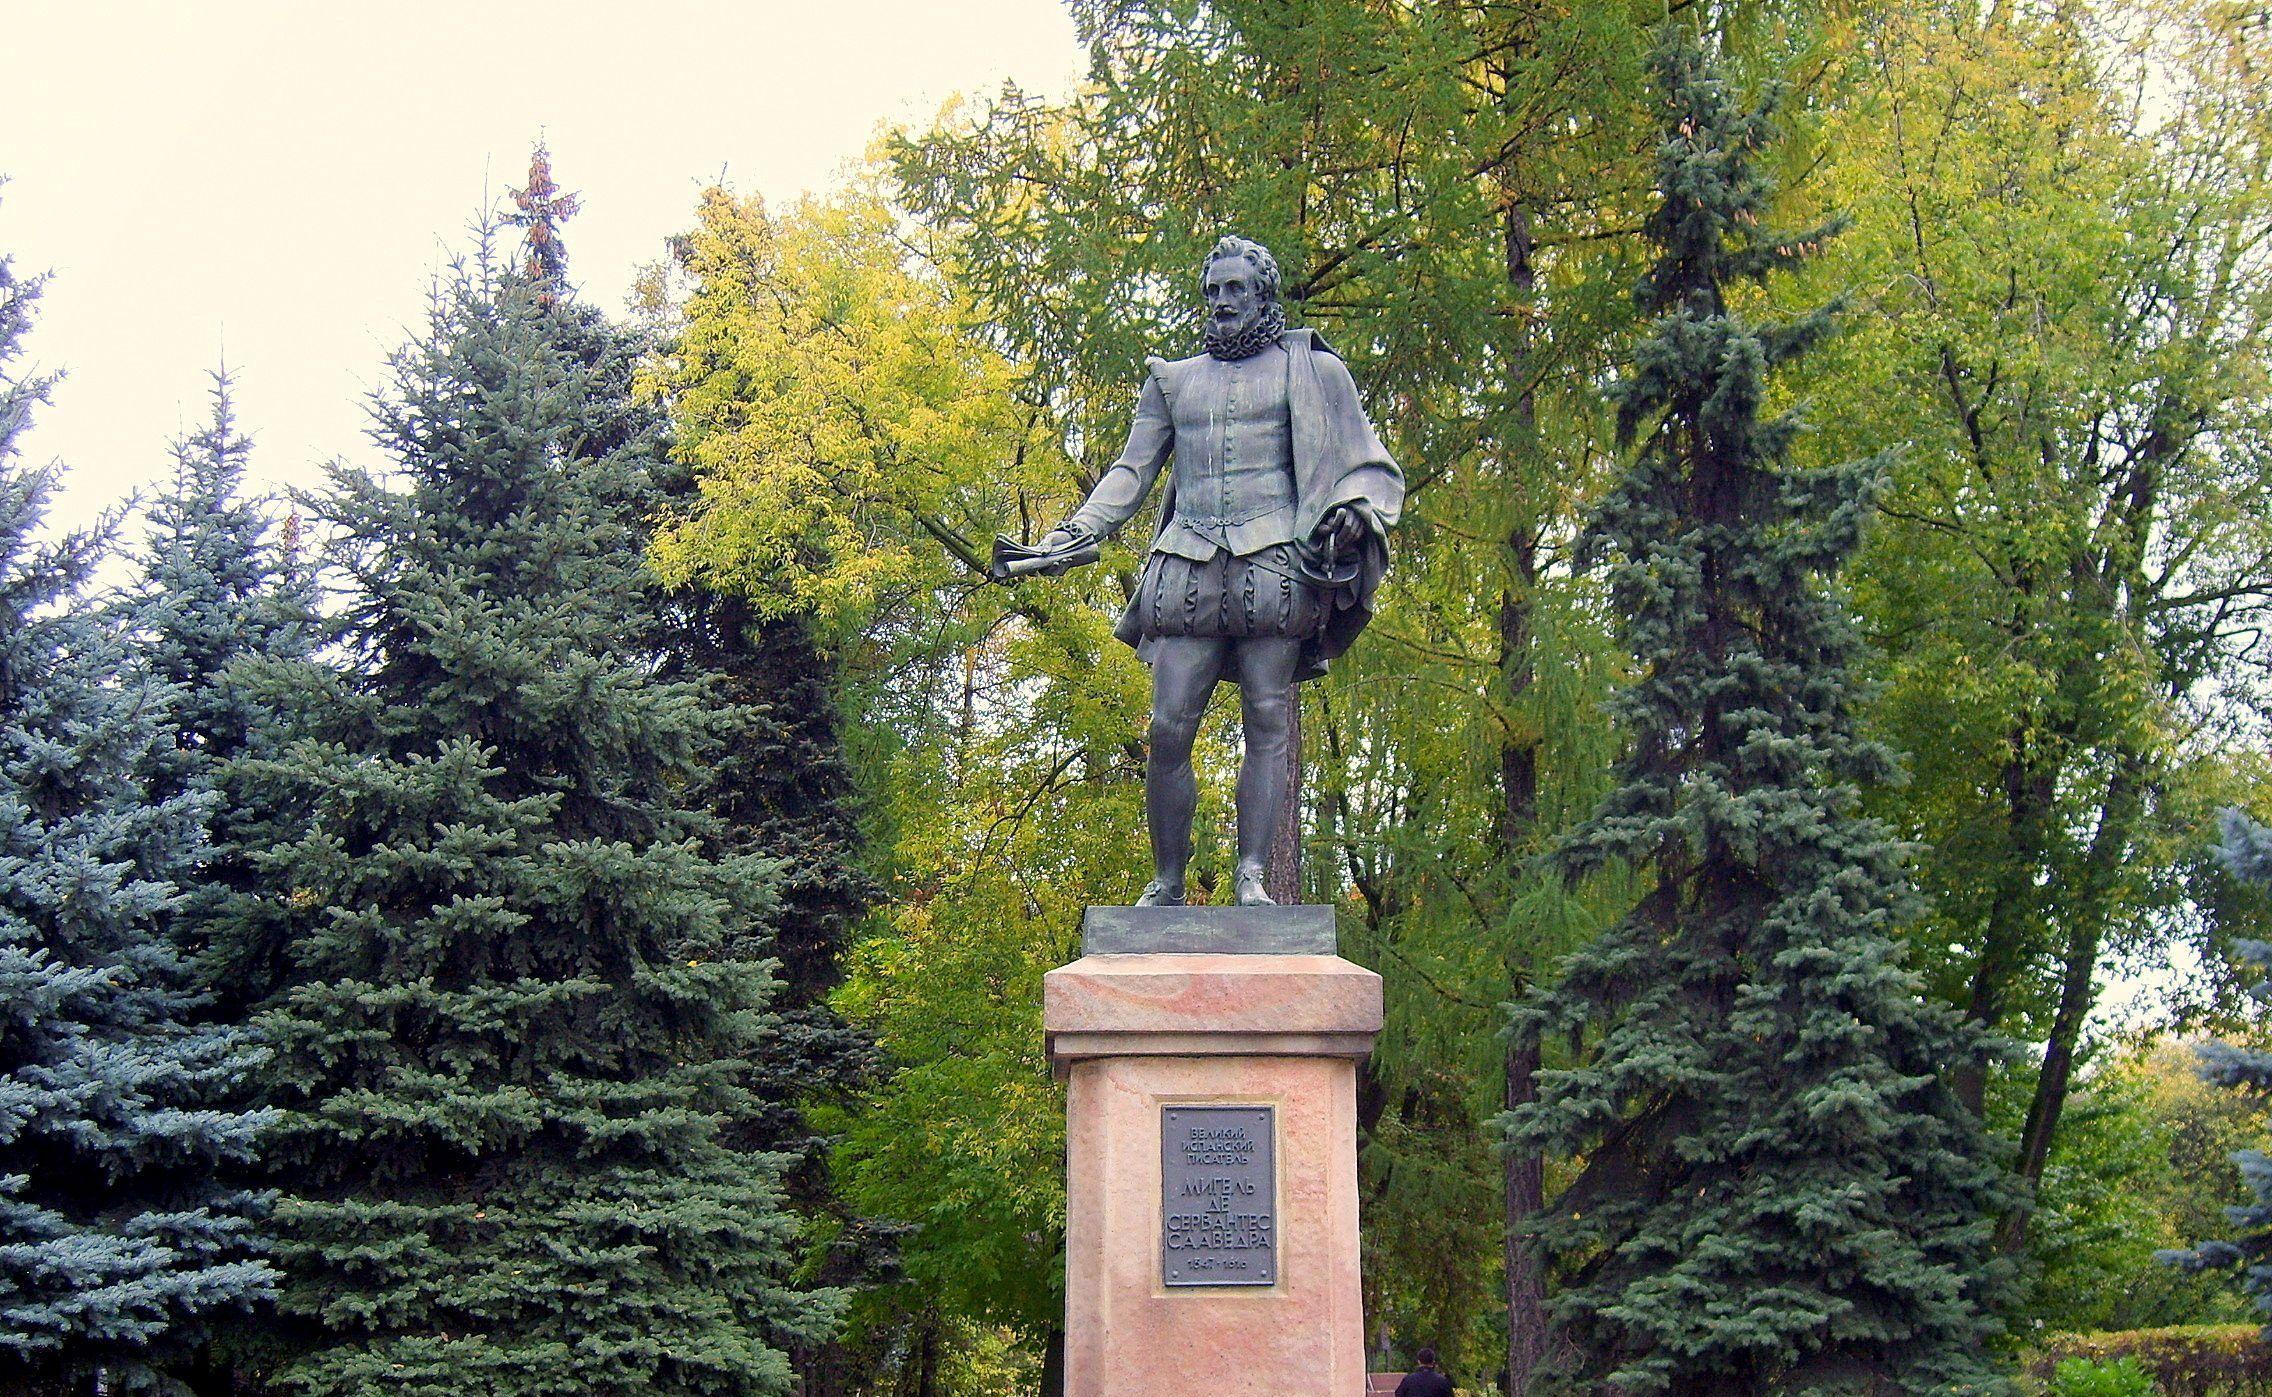 Monumento en Moscú, Monumentos curiosos y extraños que puedes hallar en Moscú